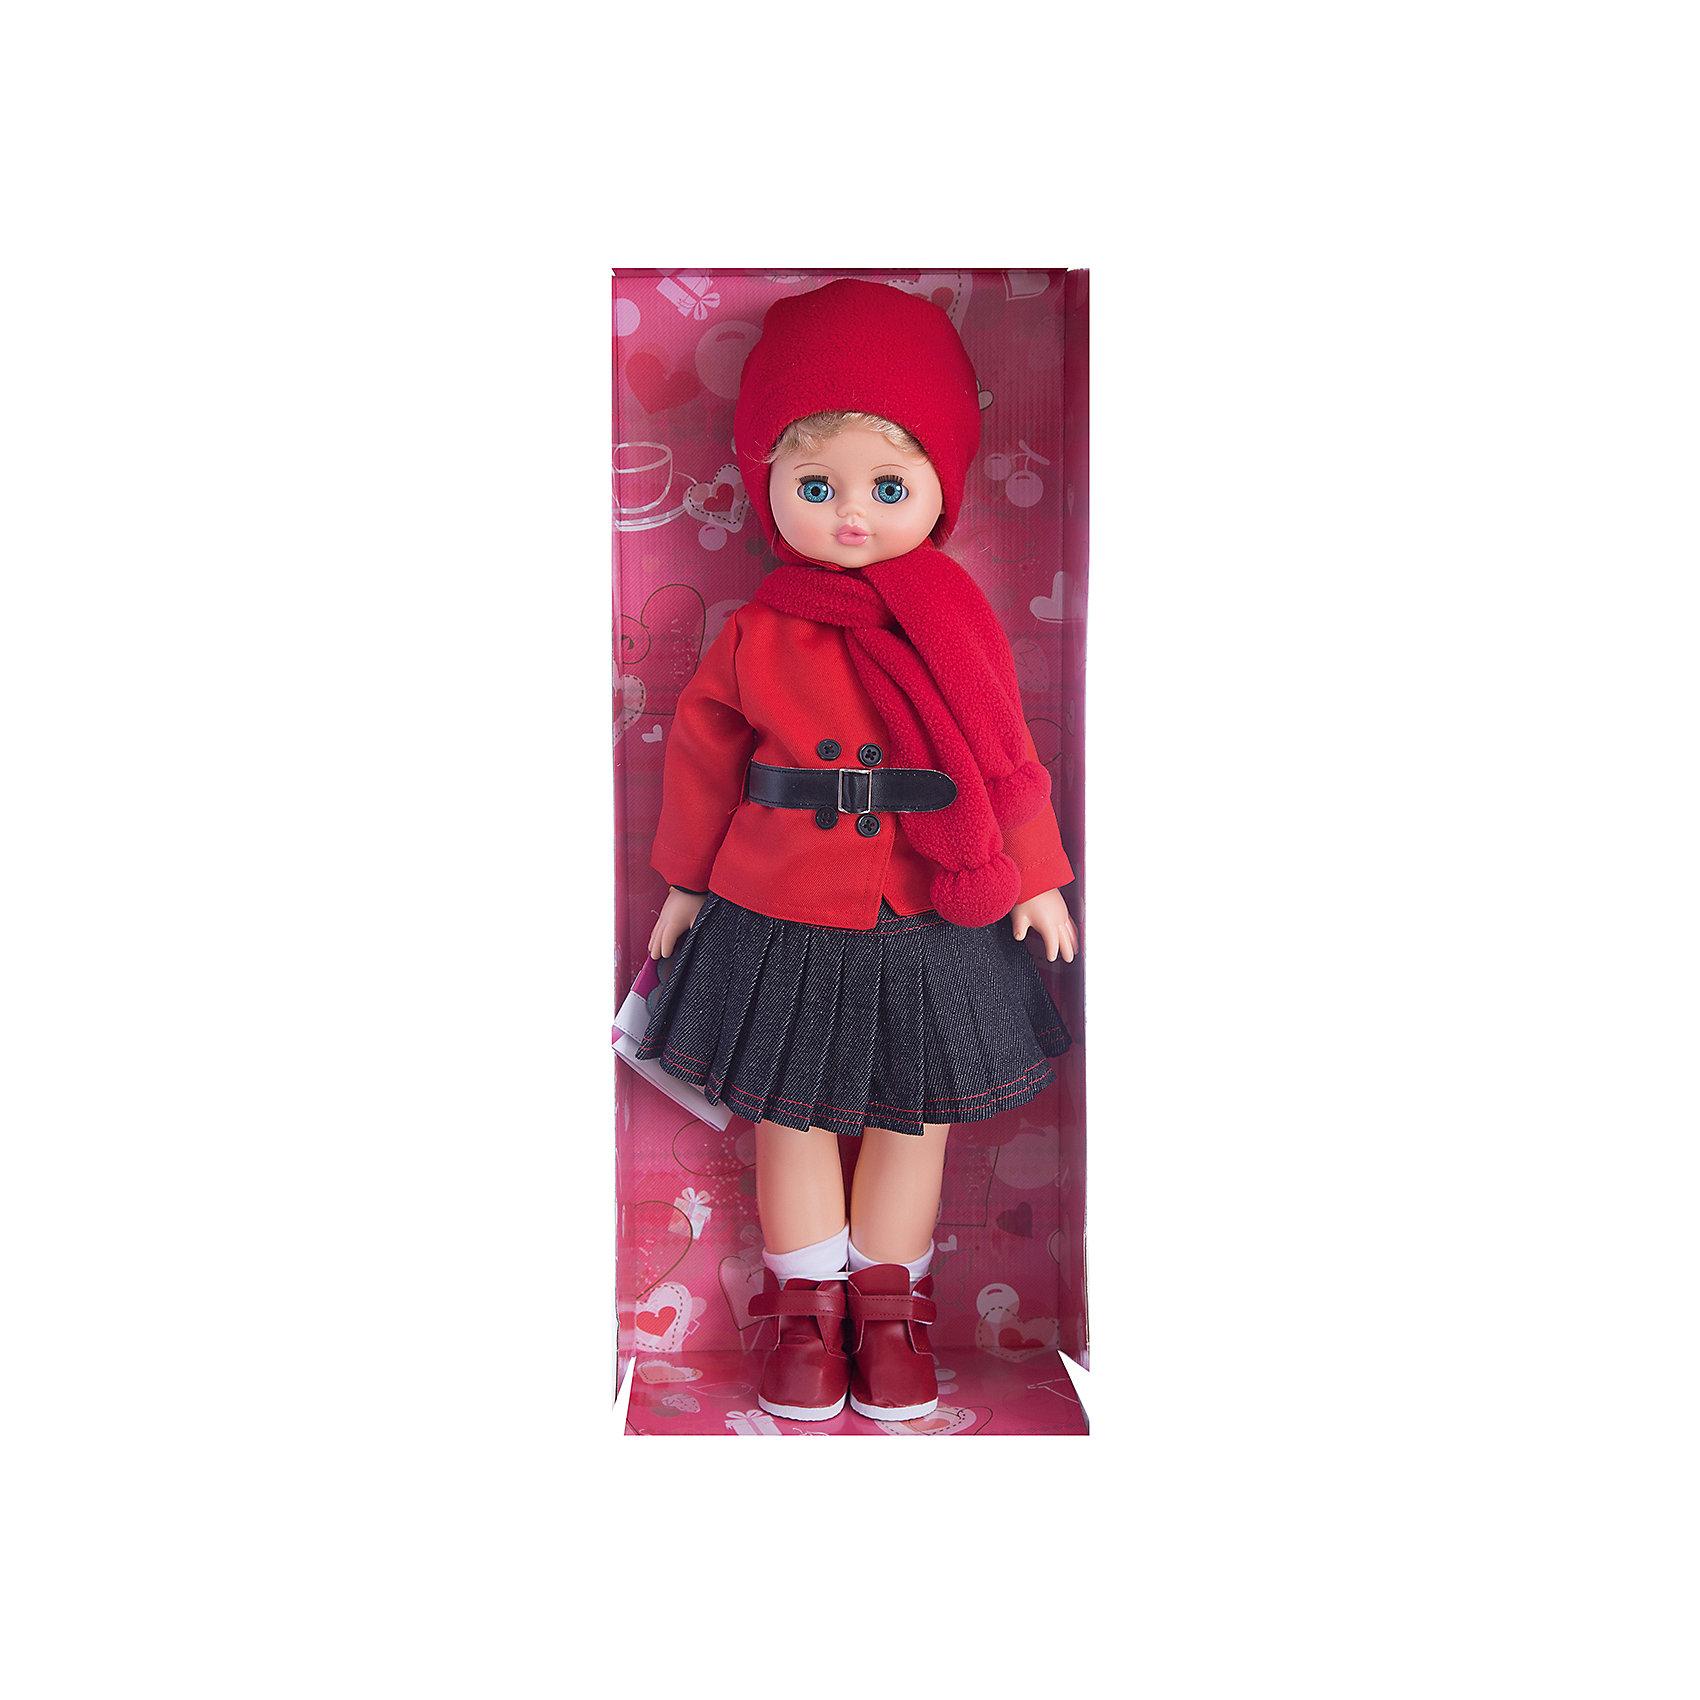 Весна Кукла Алиса 29, со звуком, Весна кукла весна 35 см